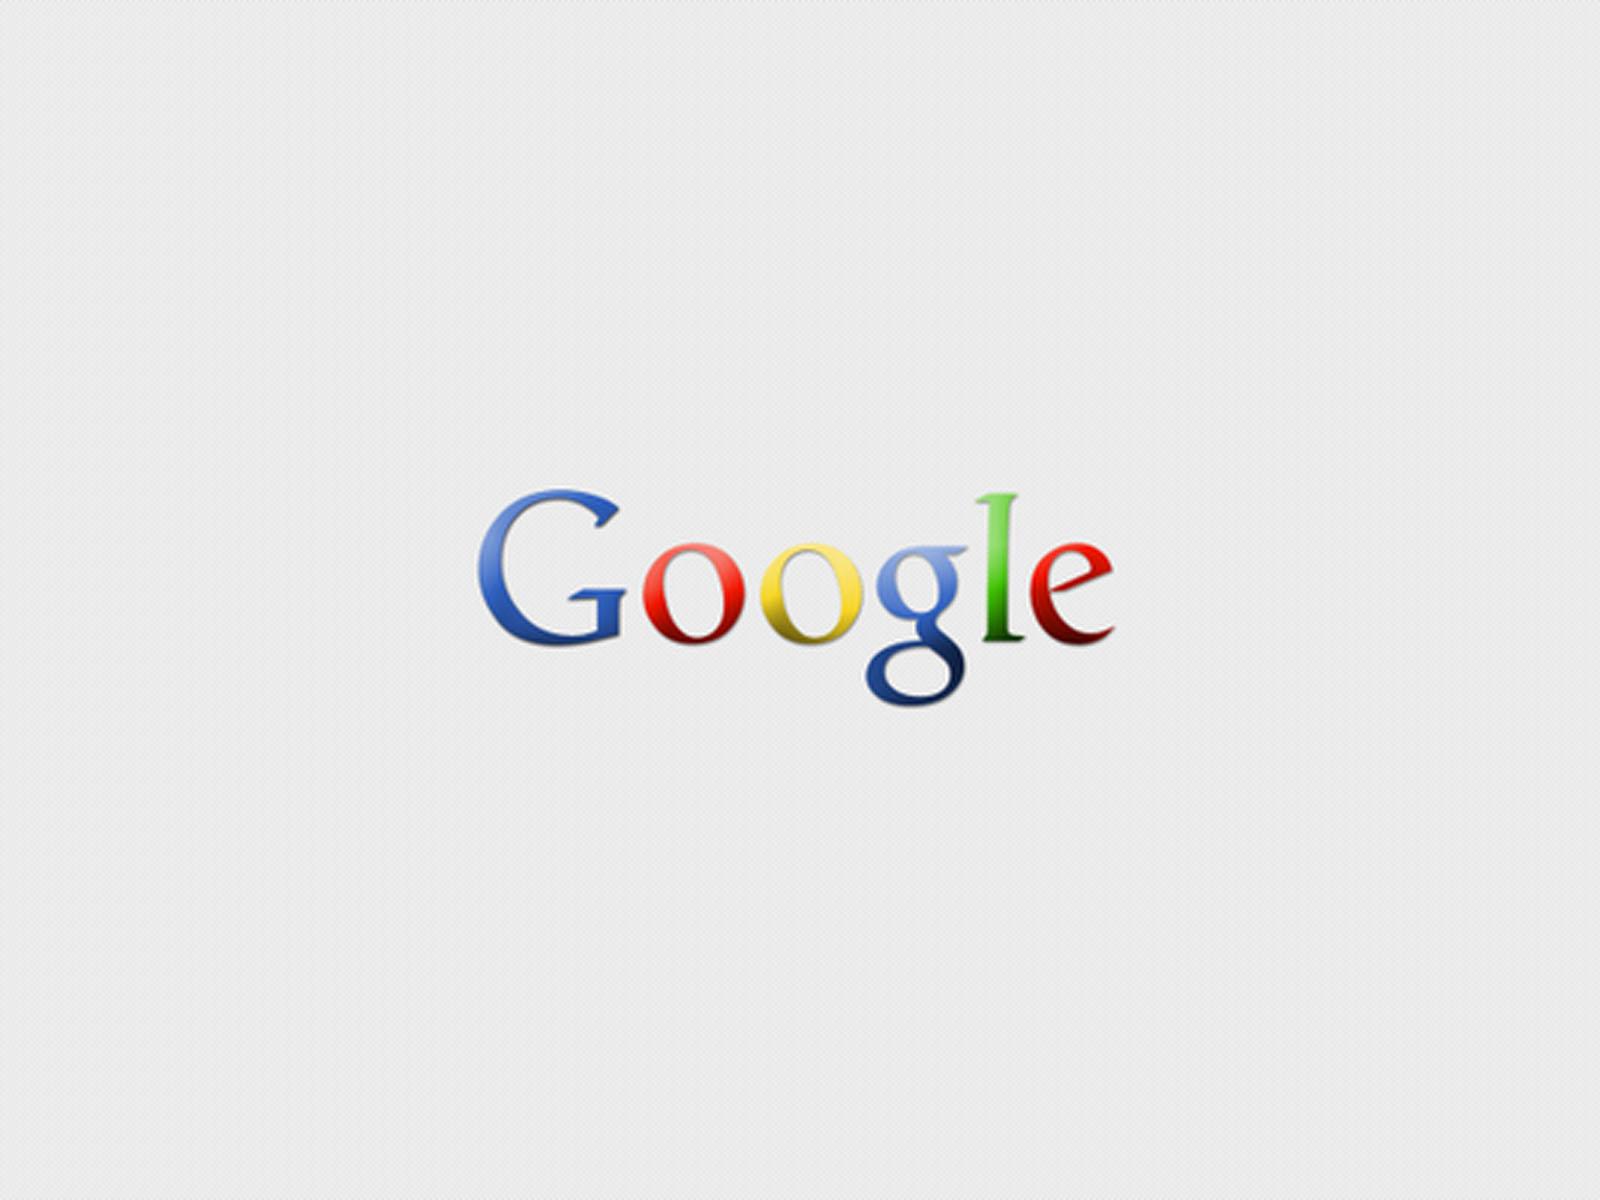 77 Google Desktop Wallpaper On Wallpapersafari